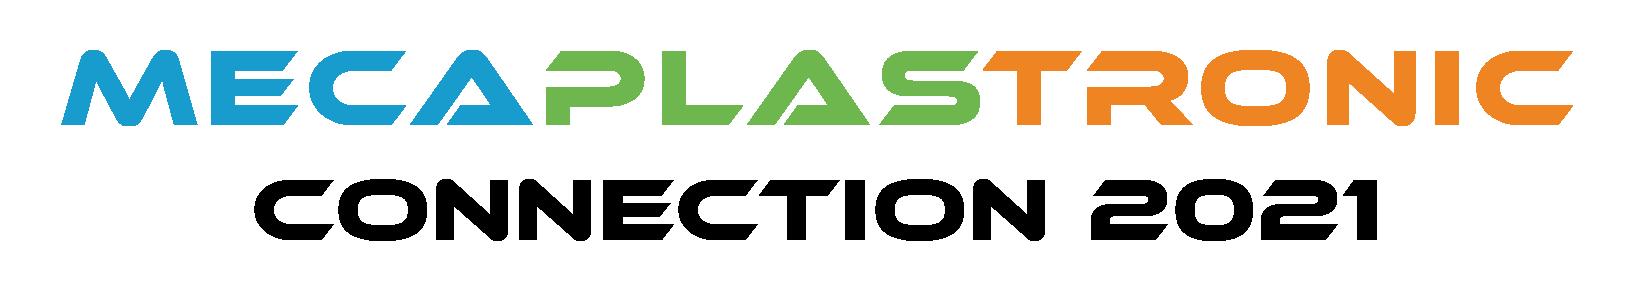 MecaPlasTronic Connection 2021